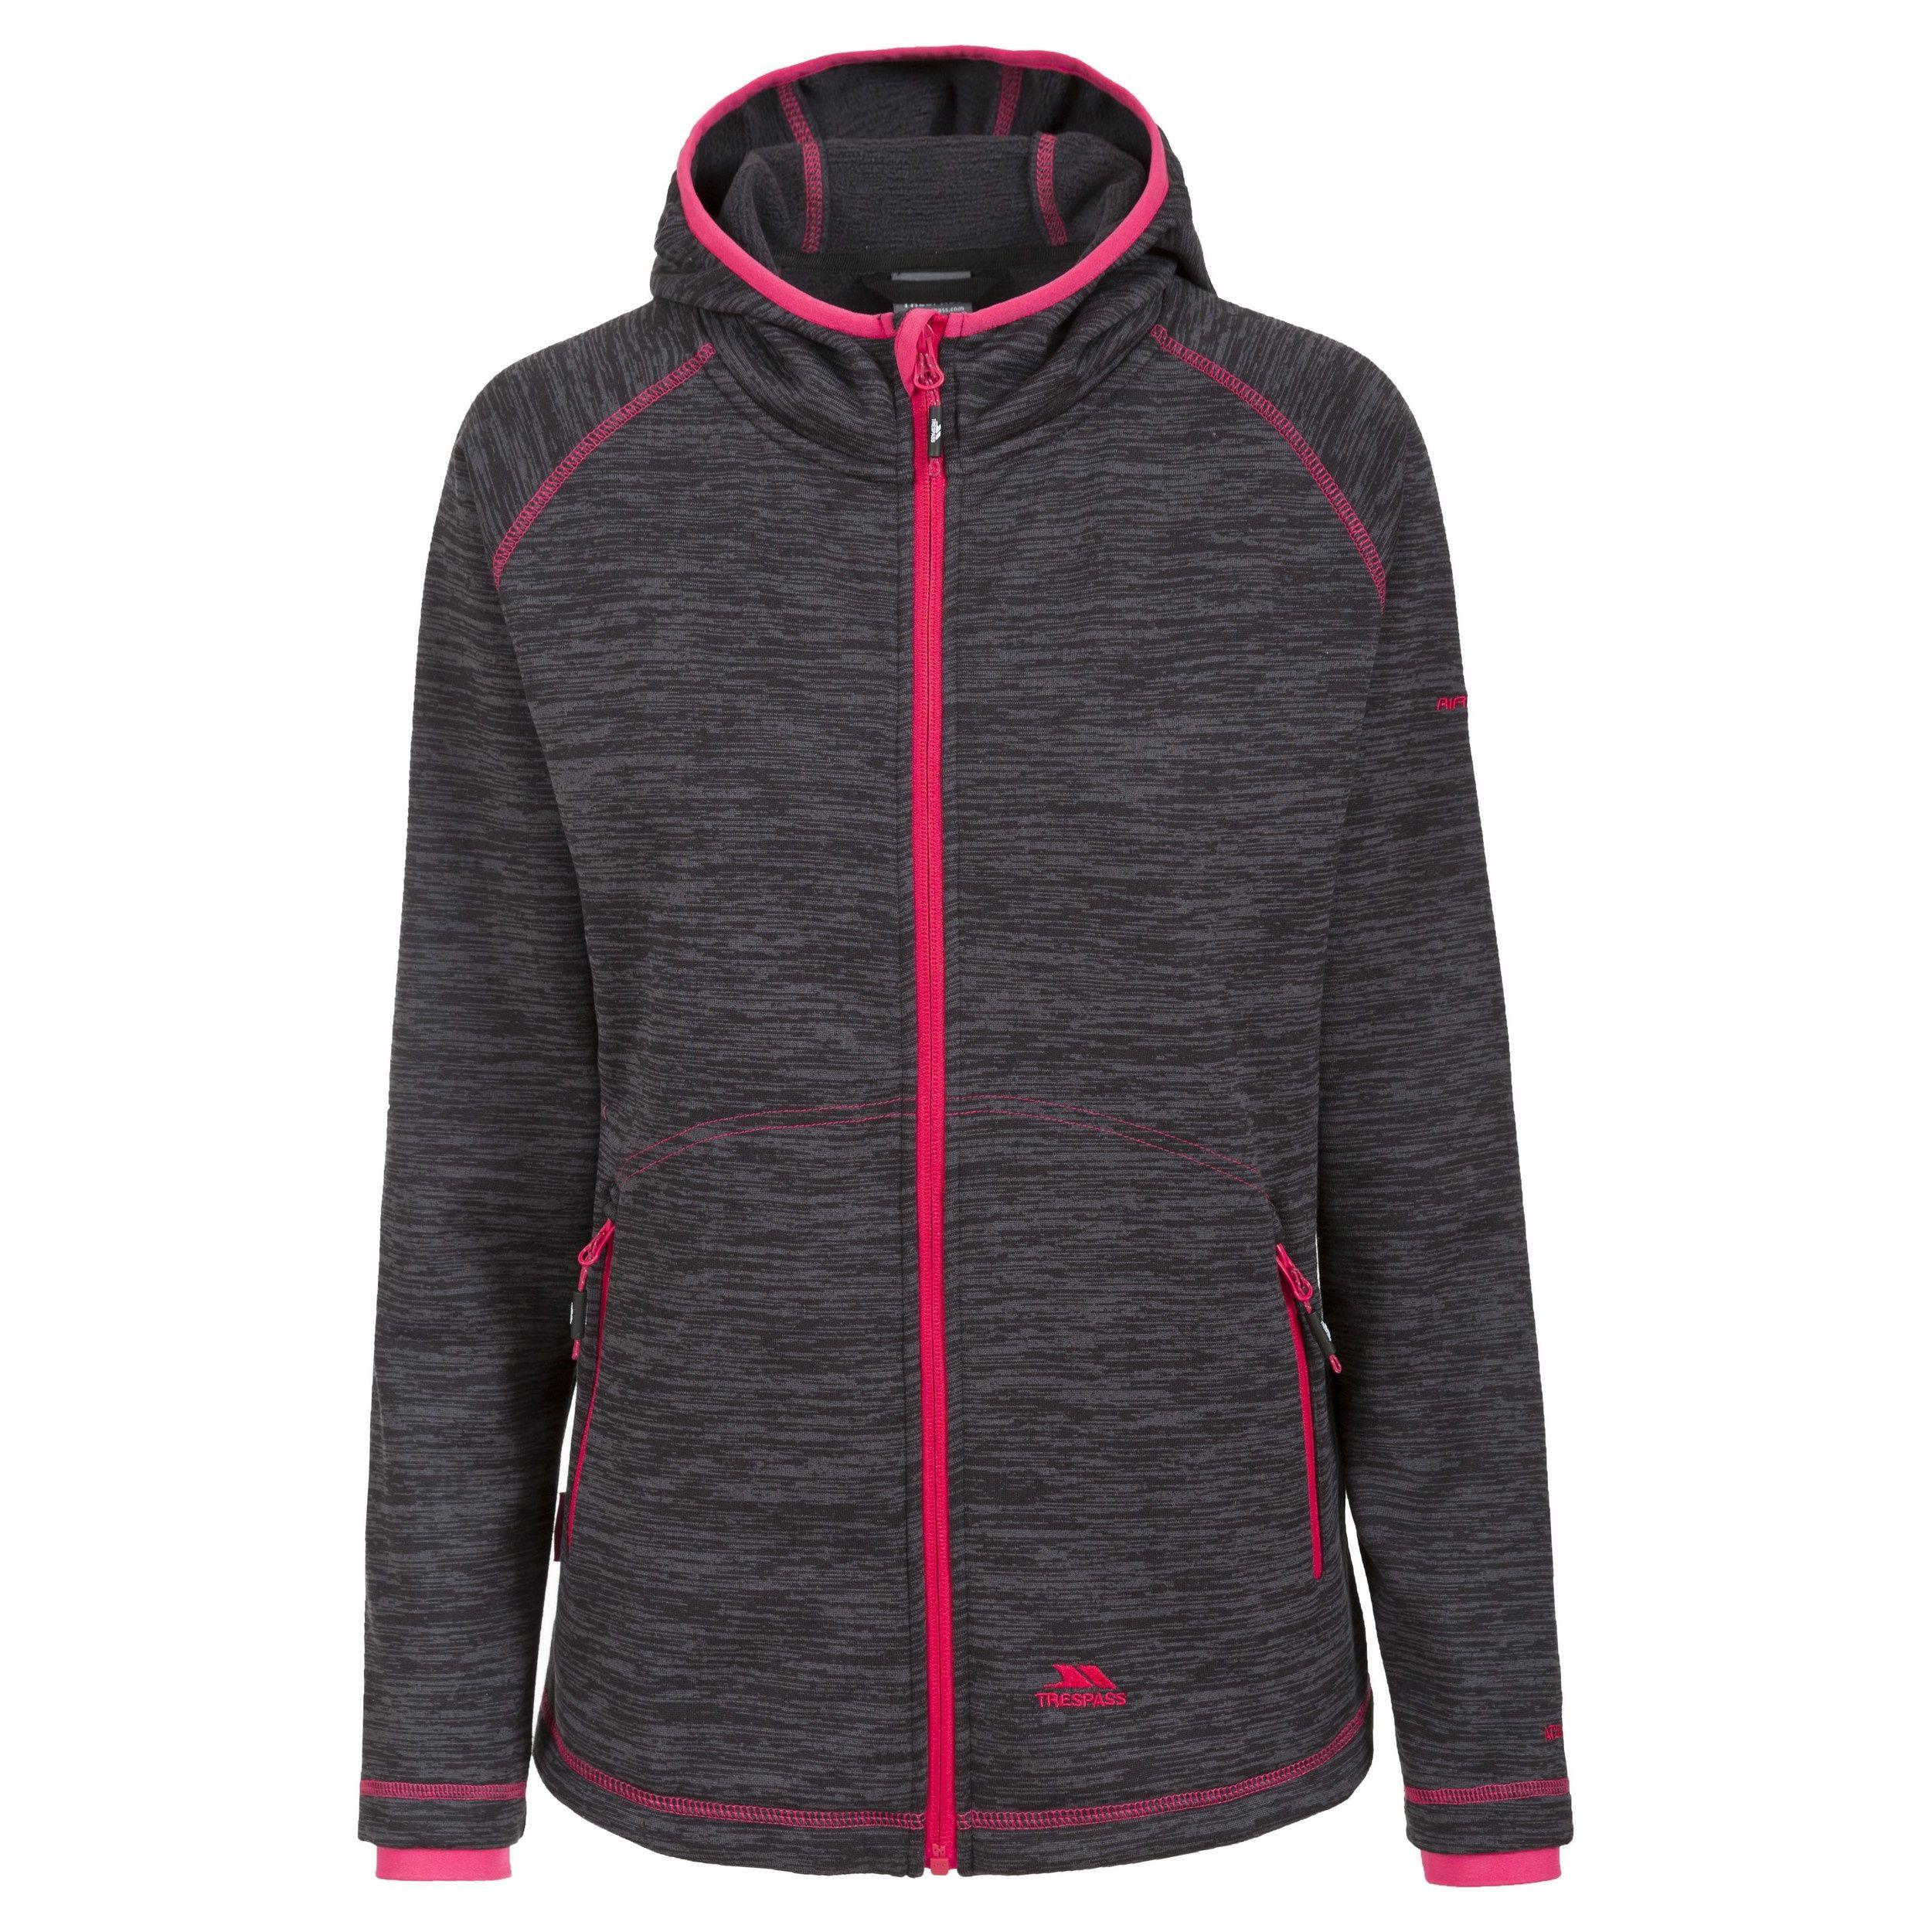 Trespass Womens/Ladies Riverstone Long Sleeve Zip Up Fleece